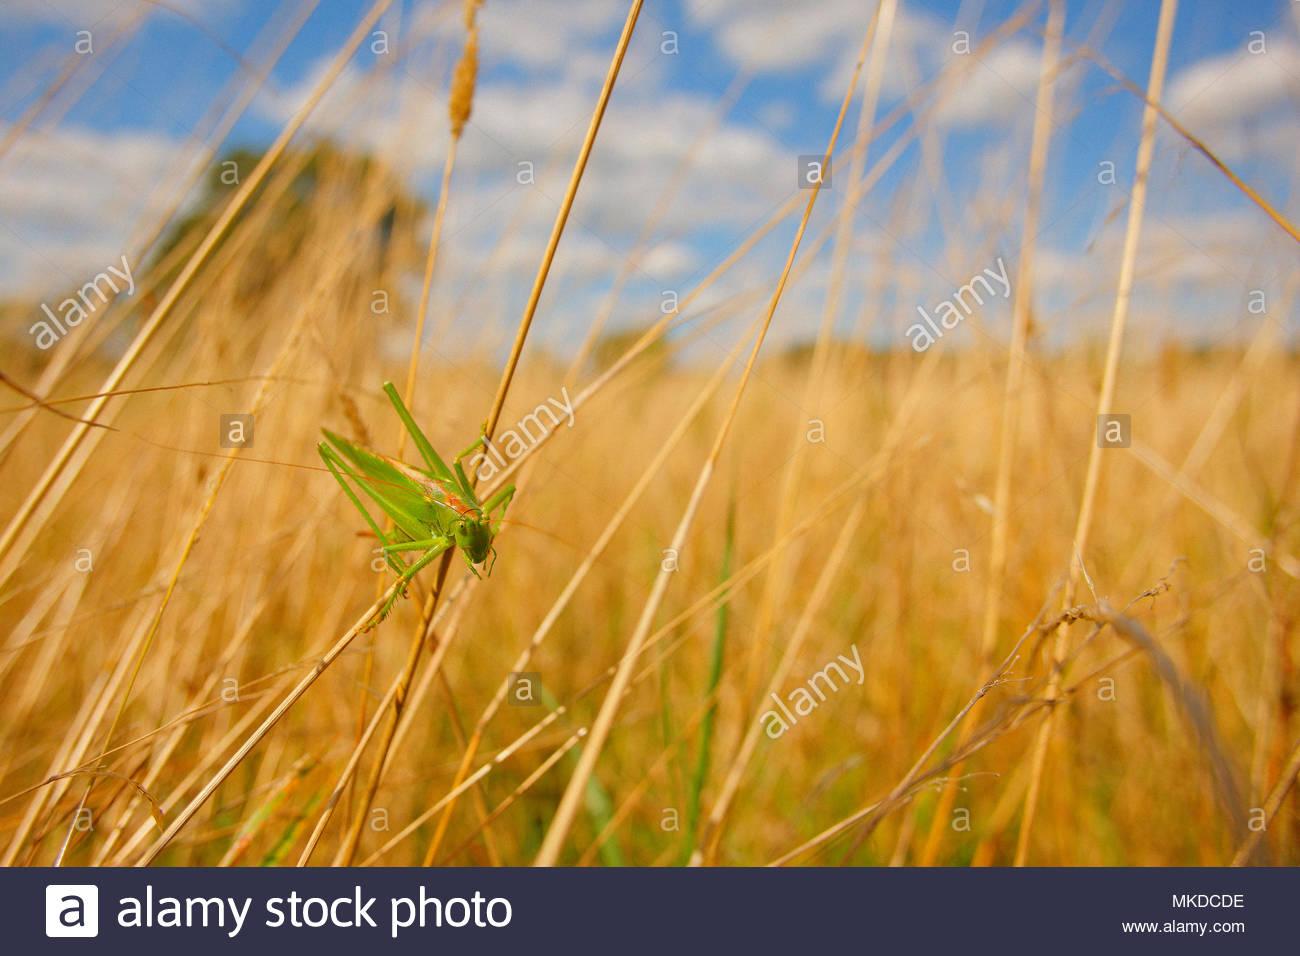 Super Green Bush - Kricket (Tettigonia Viridissima) stehen auf Gras halme auf einer Wiese, im Sommer, im August, Ile-de-France. Alluvial Wiese in der Oise Tal - natürliche Ort durch das Conservatoire de Picardie natürliche Bereiche geschützt. Stockbild